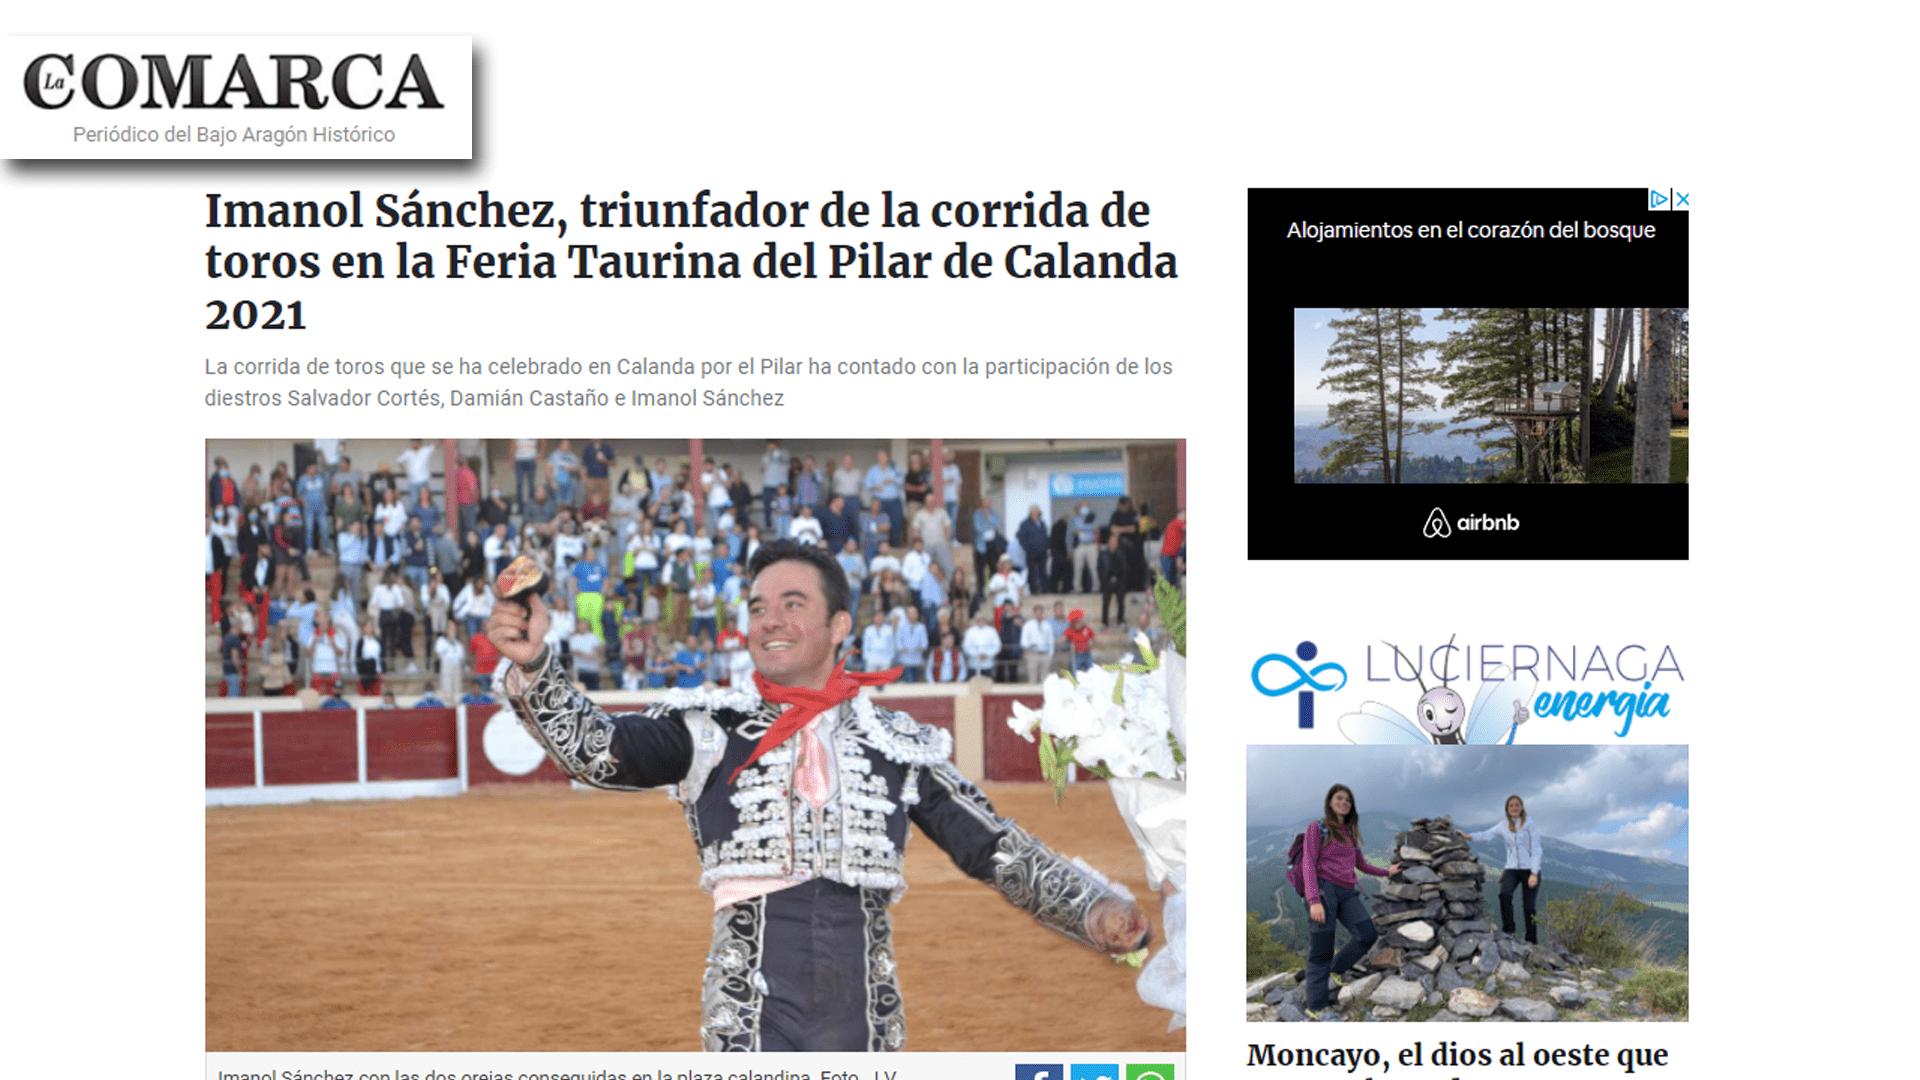 Imanol Sánchez triunfador feria taurina de Calanda 2021-min